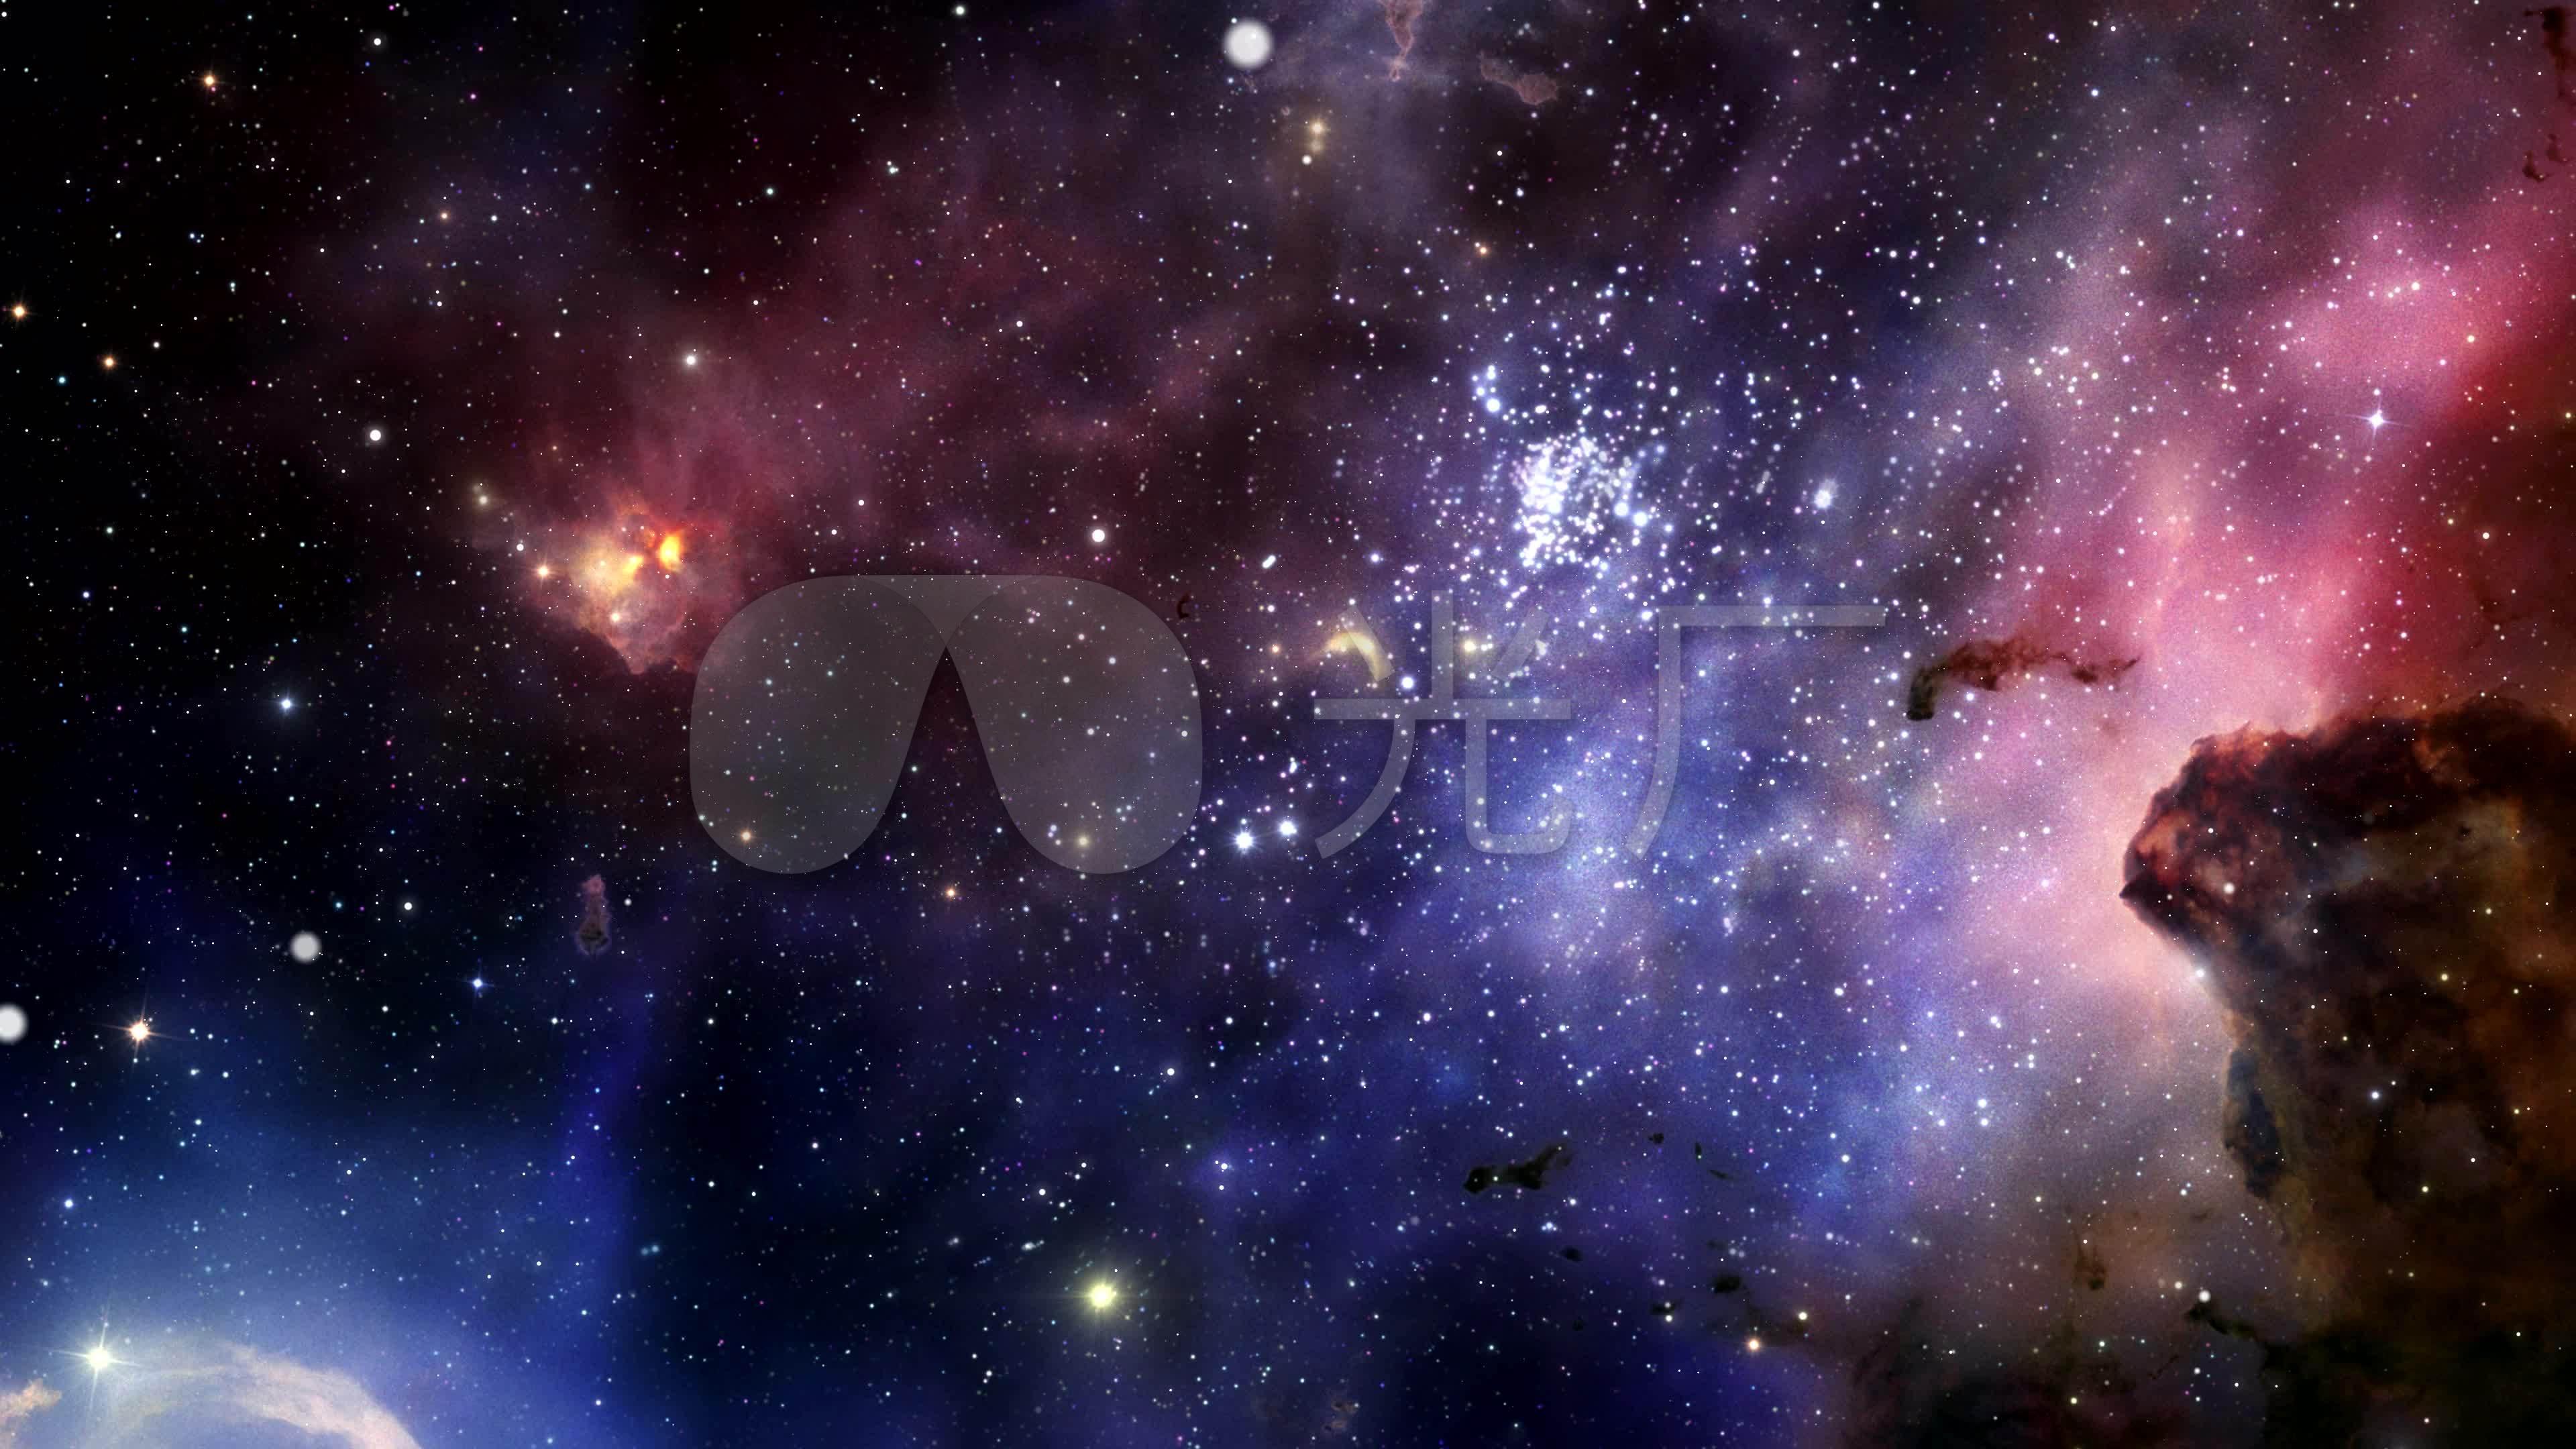 星空视频壁纸_4k超高清宇宙星空视频背景_3840x2160_高清视频素材